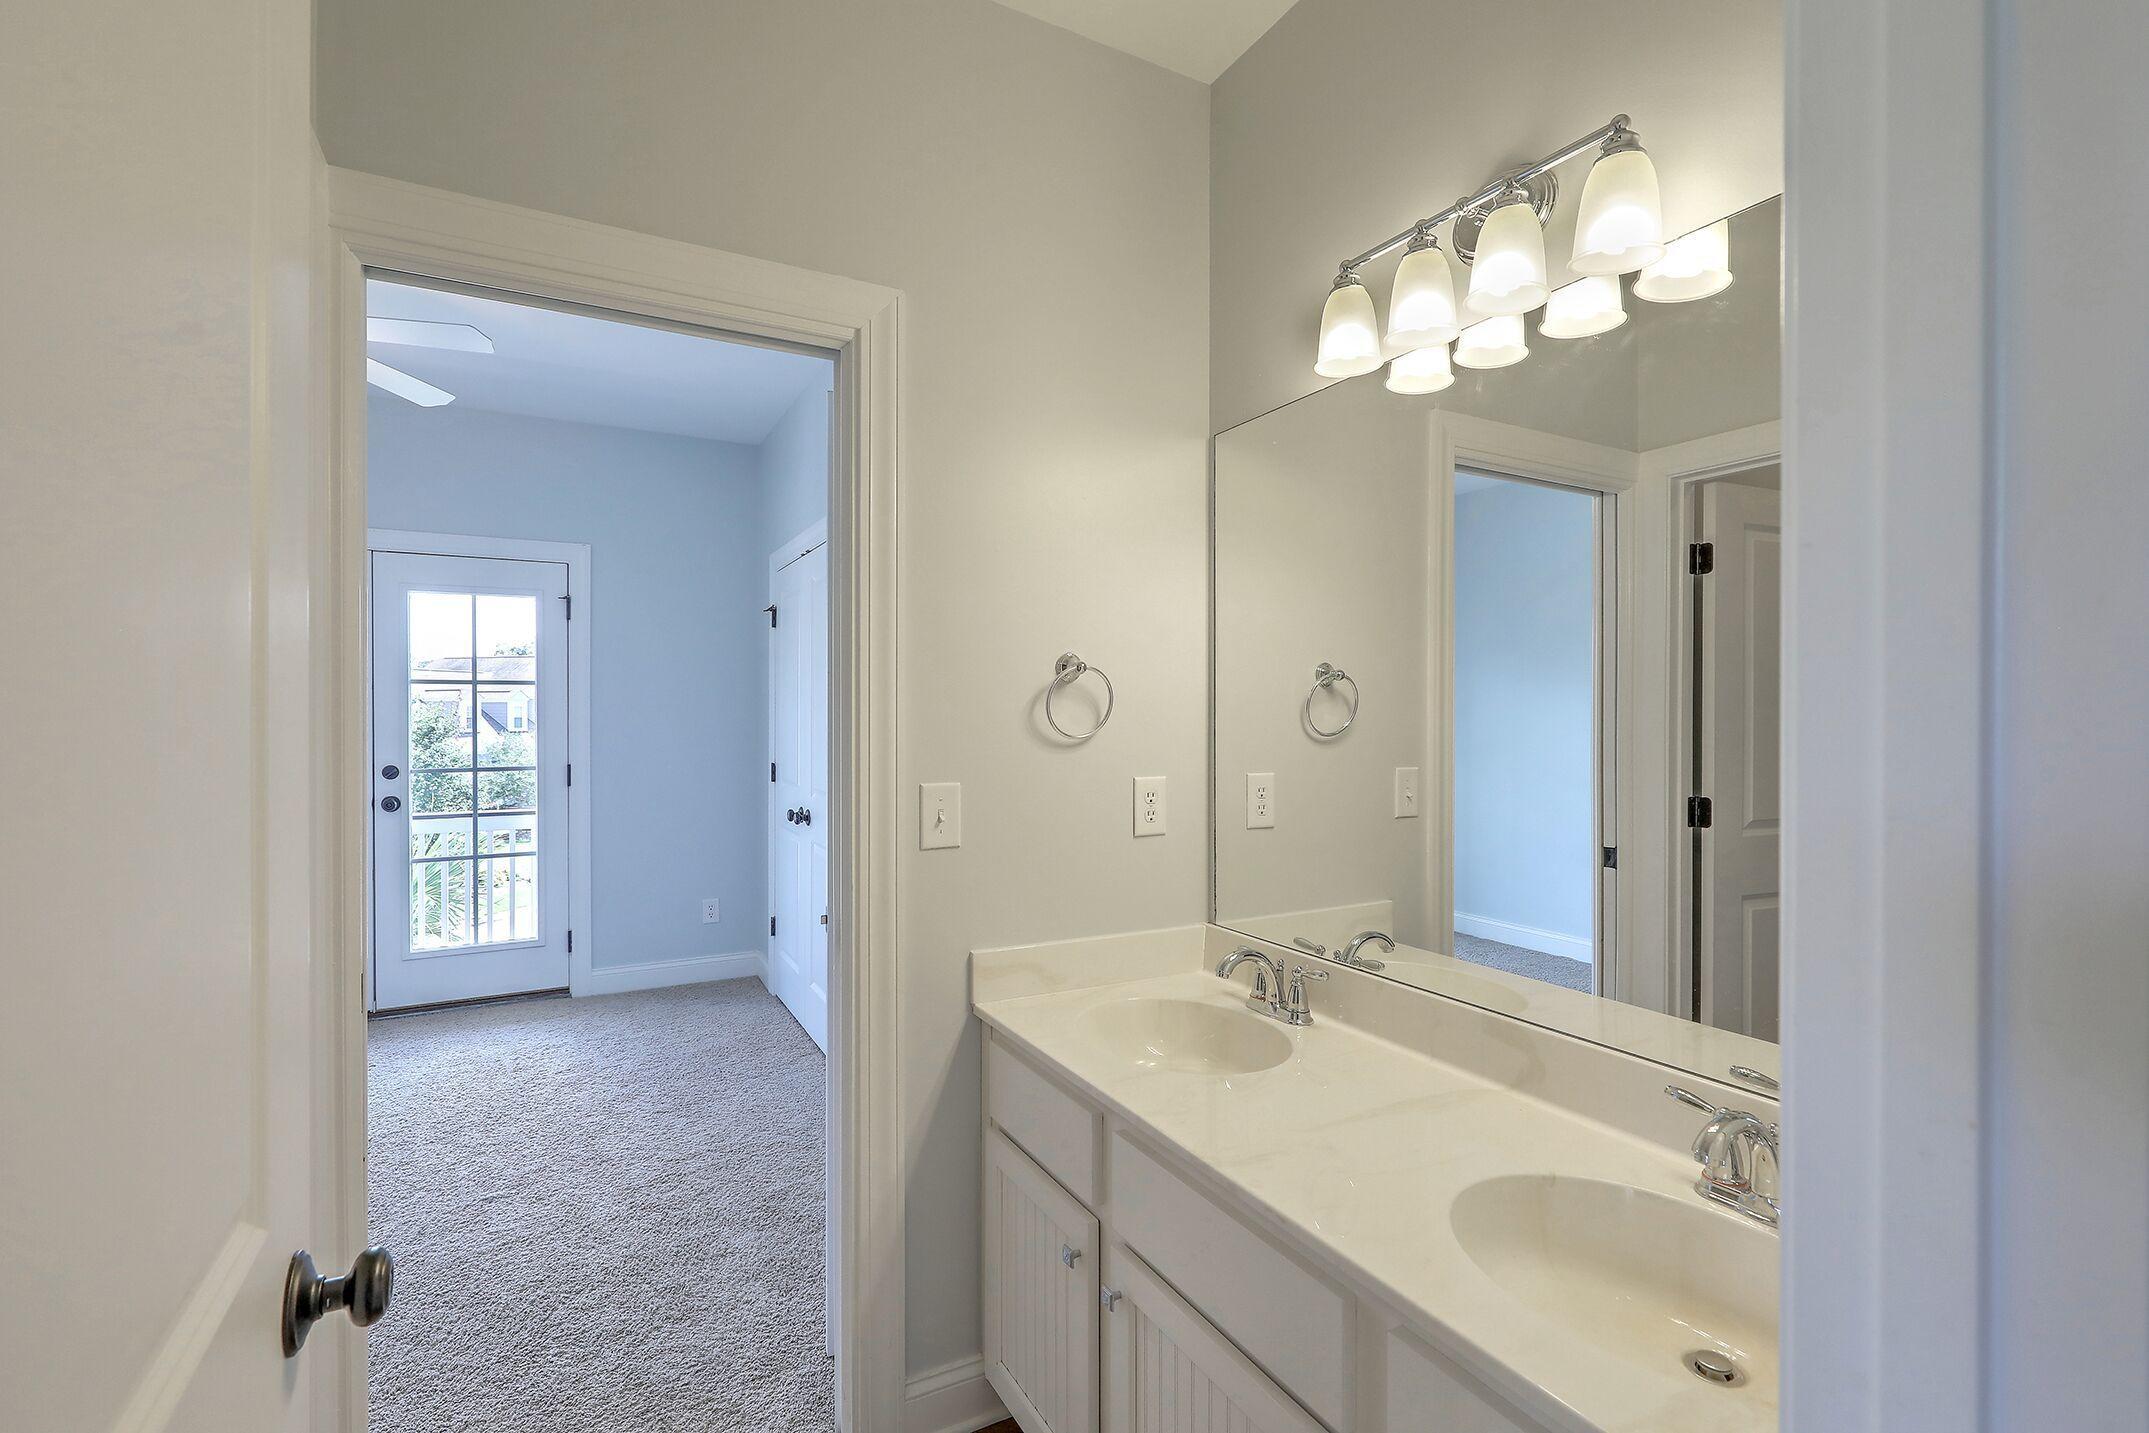 Dunes West Homes For Sale - 2970 Sturbridge, Mount Pleasant, SC - 51